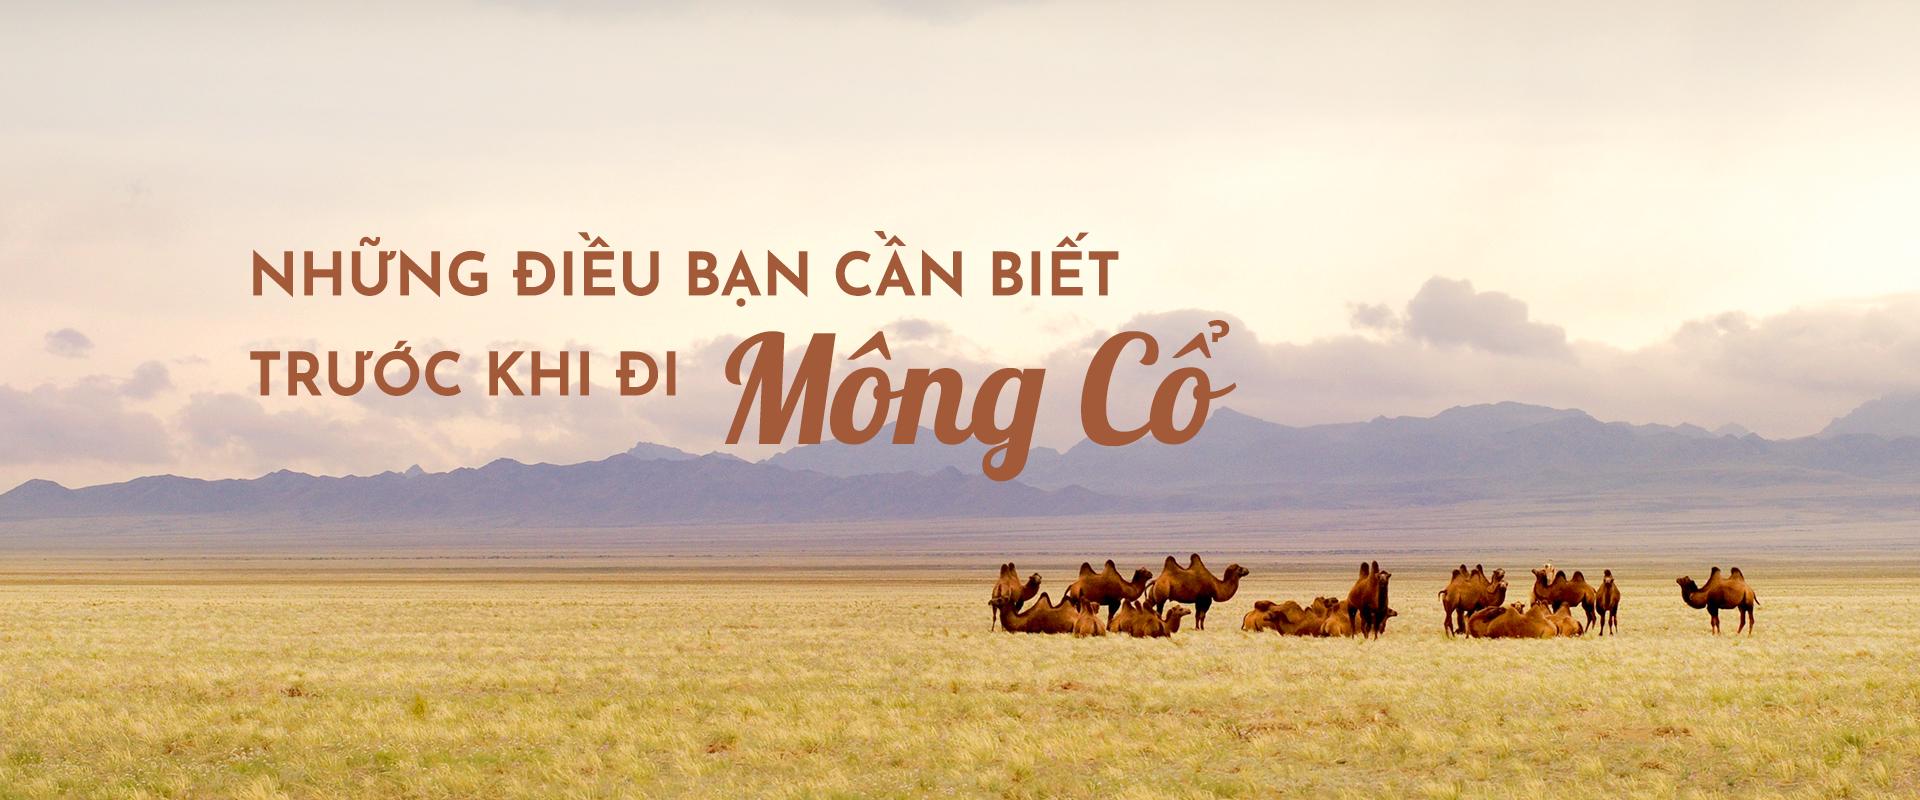 Những kinh nghiệm du lịch Mông Cổ bạn cần biết trước khi khởi hành